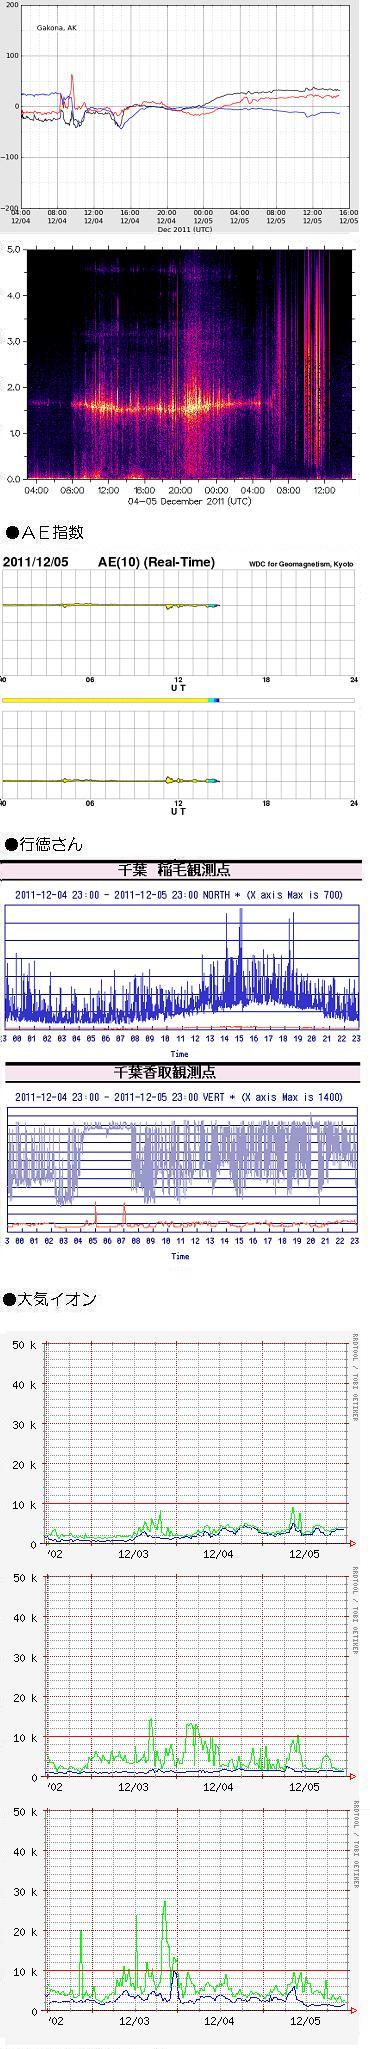 1206-1 データ